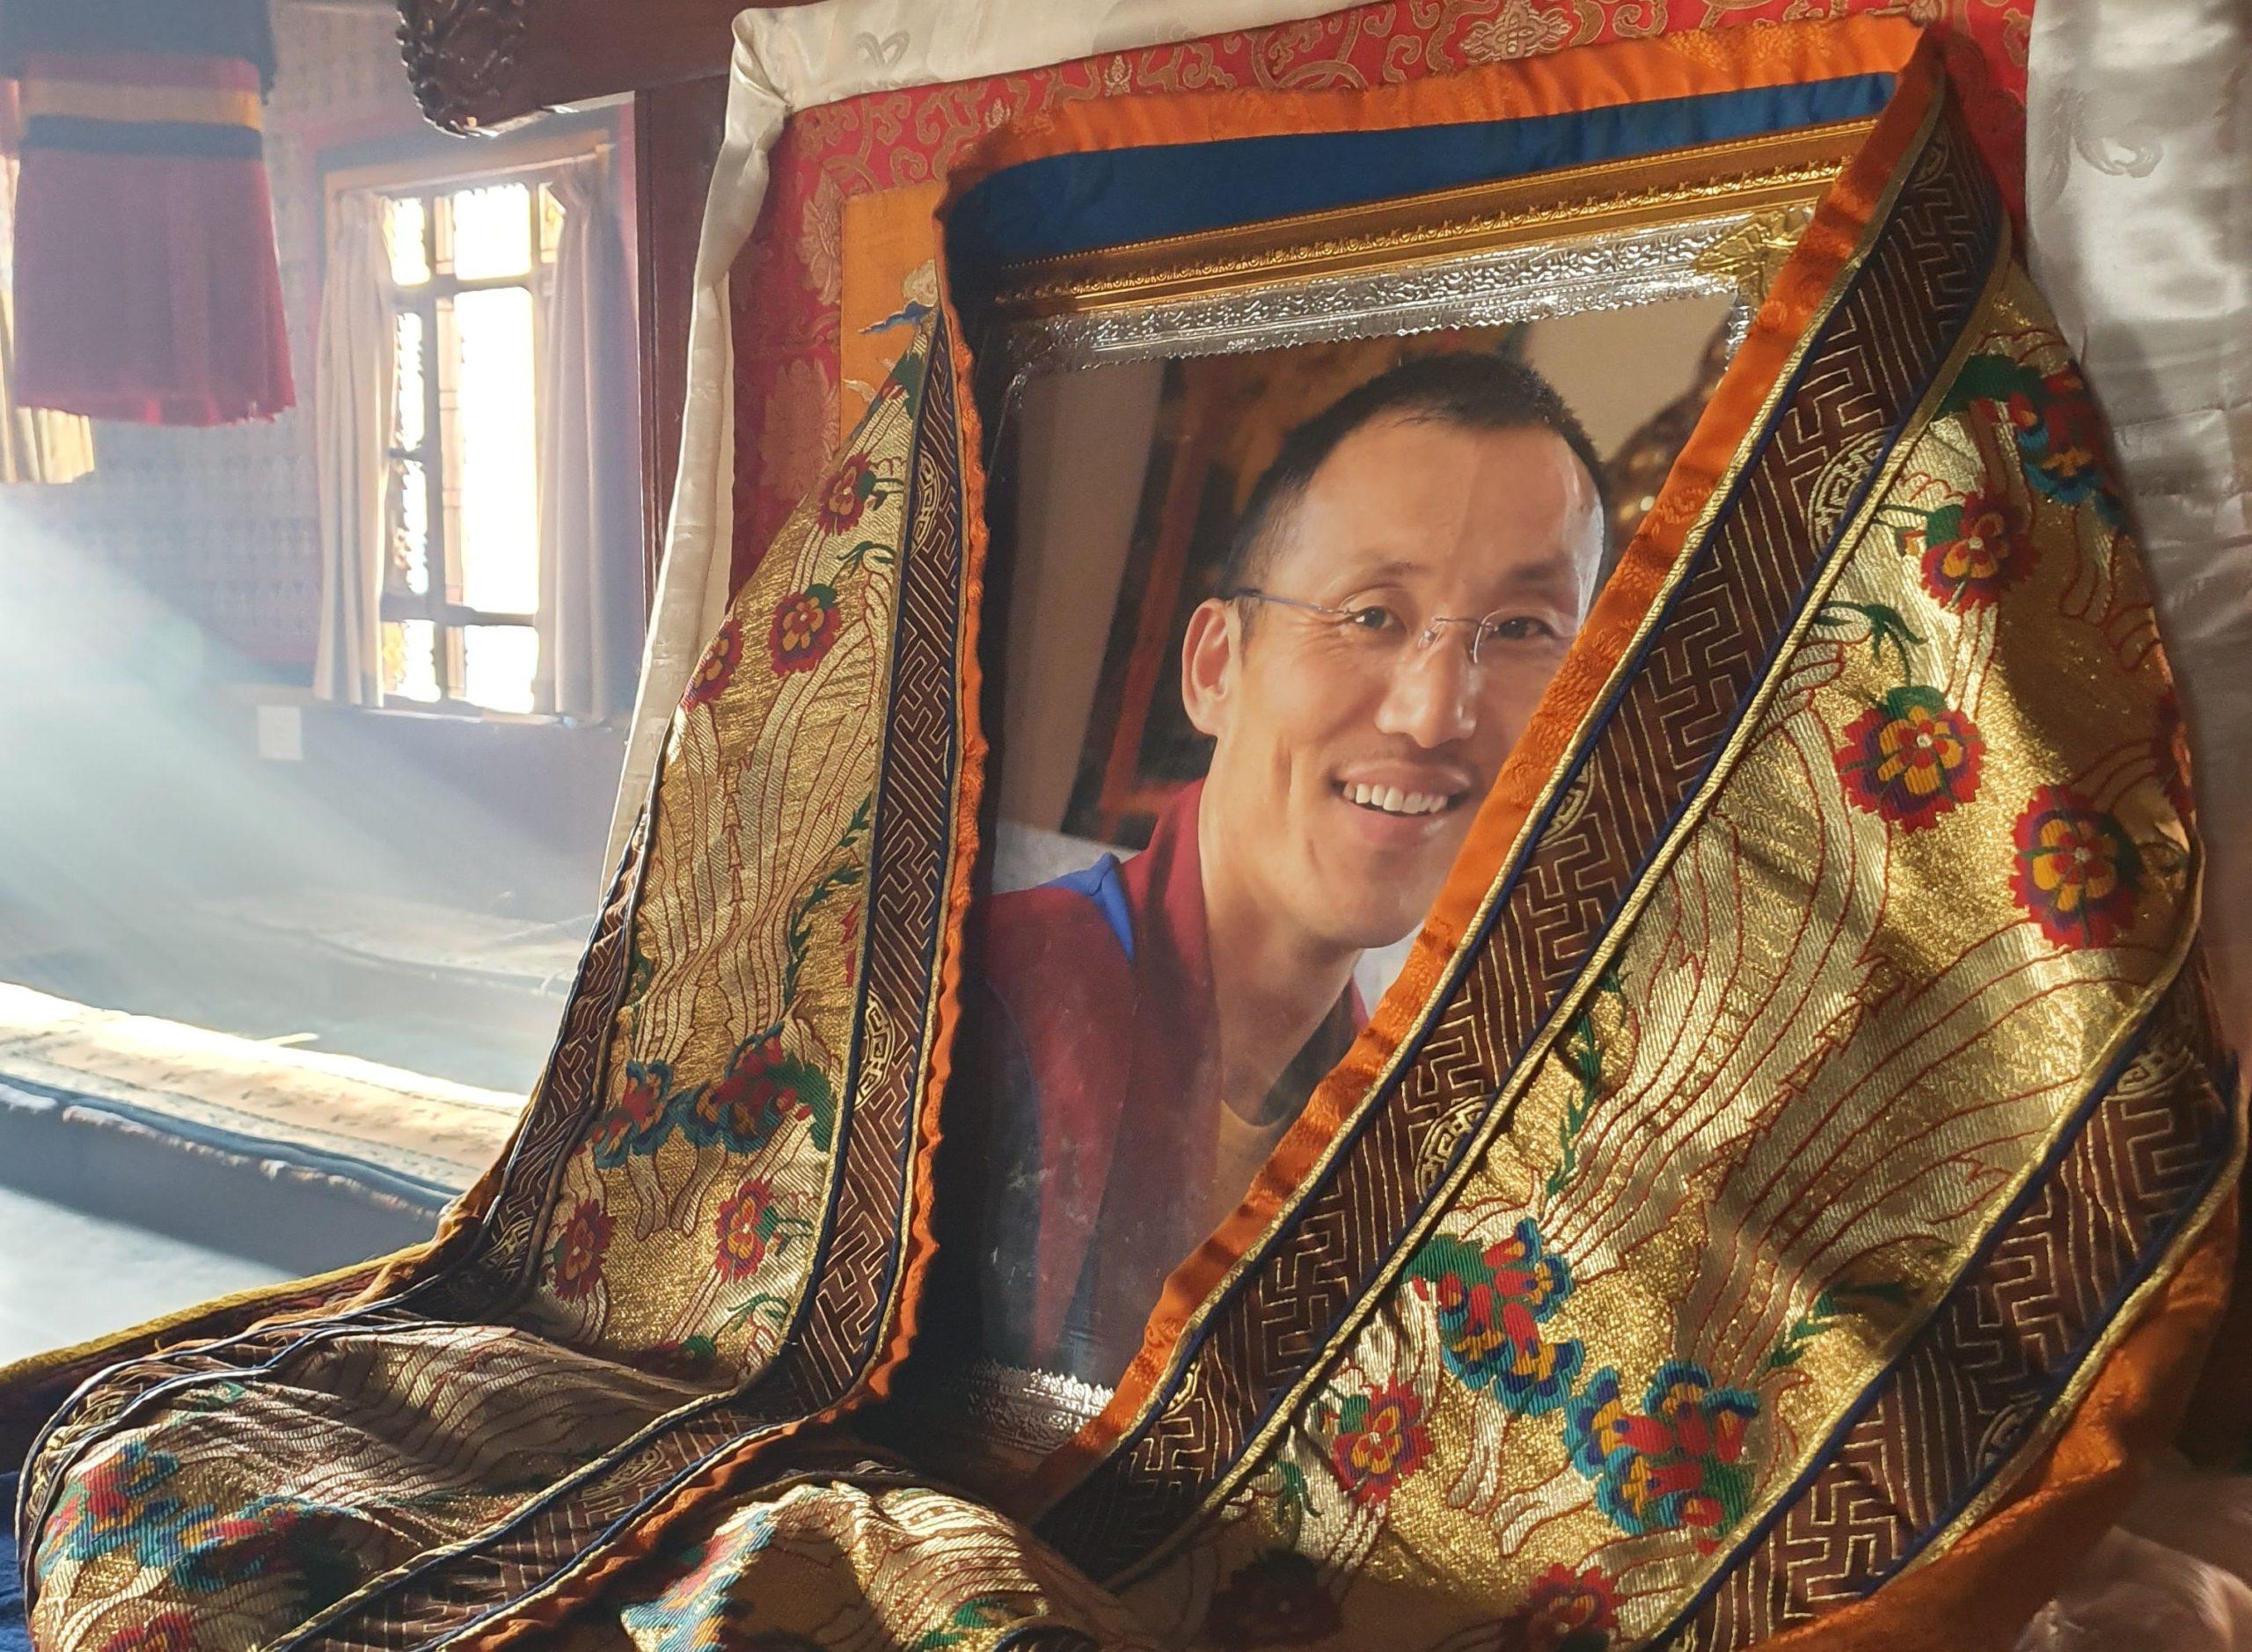 """Fotografie představeného kláštera ho """"zastupuje"""" v době, kdy cestuje a společných rituálů se neúčastní. Khenpo Tenpa Yungdrung tráví obvykle několik měsíců v roce v Evropě, kde učí západní zájemce o buddhismus. Loni ani letos zatím ještě ale z kláštera nevycestoval."""